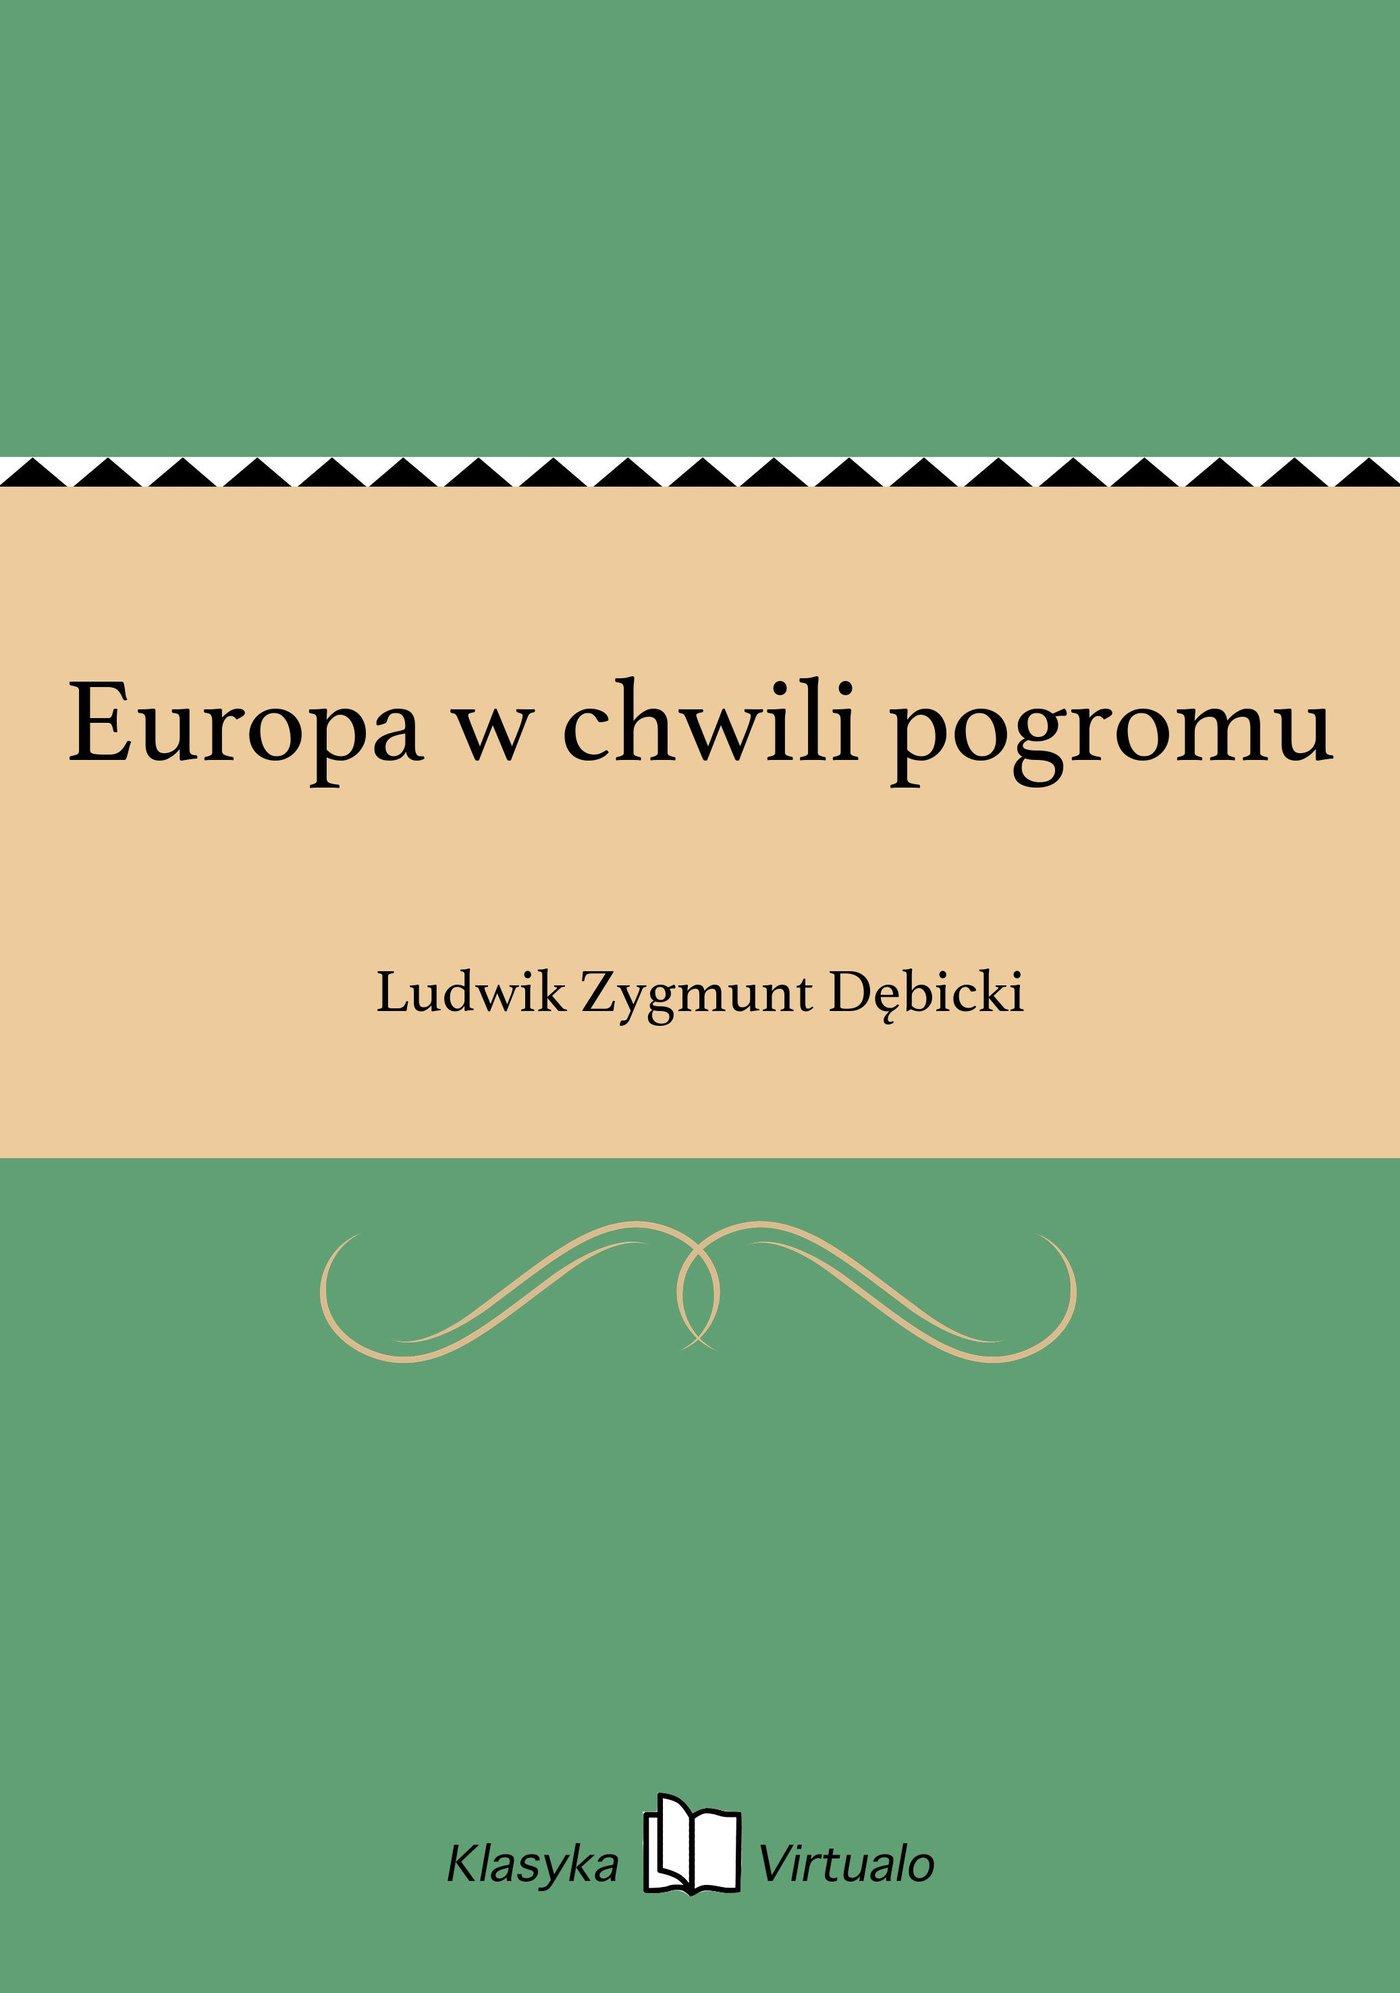 Europa w chwili pogromu - Ebook (Książka EPUB) do pobrania w formacie EPUB